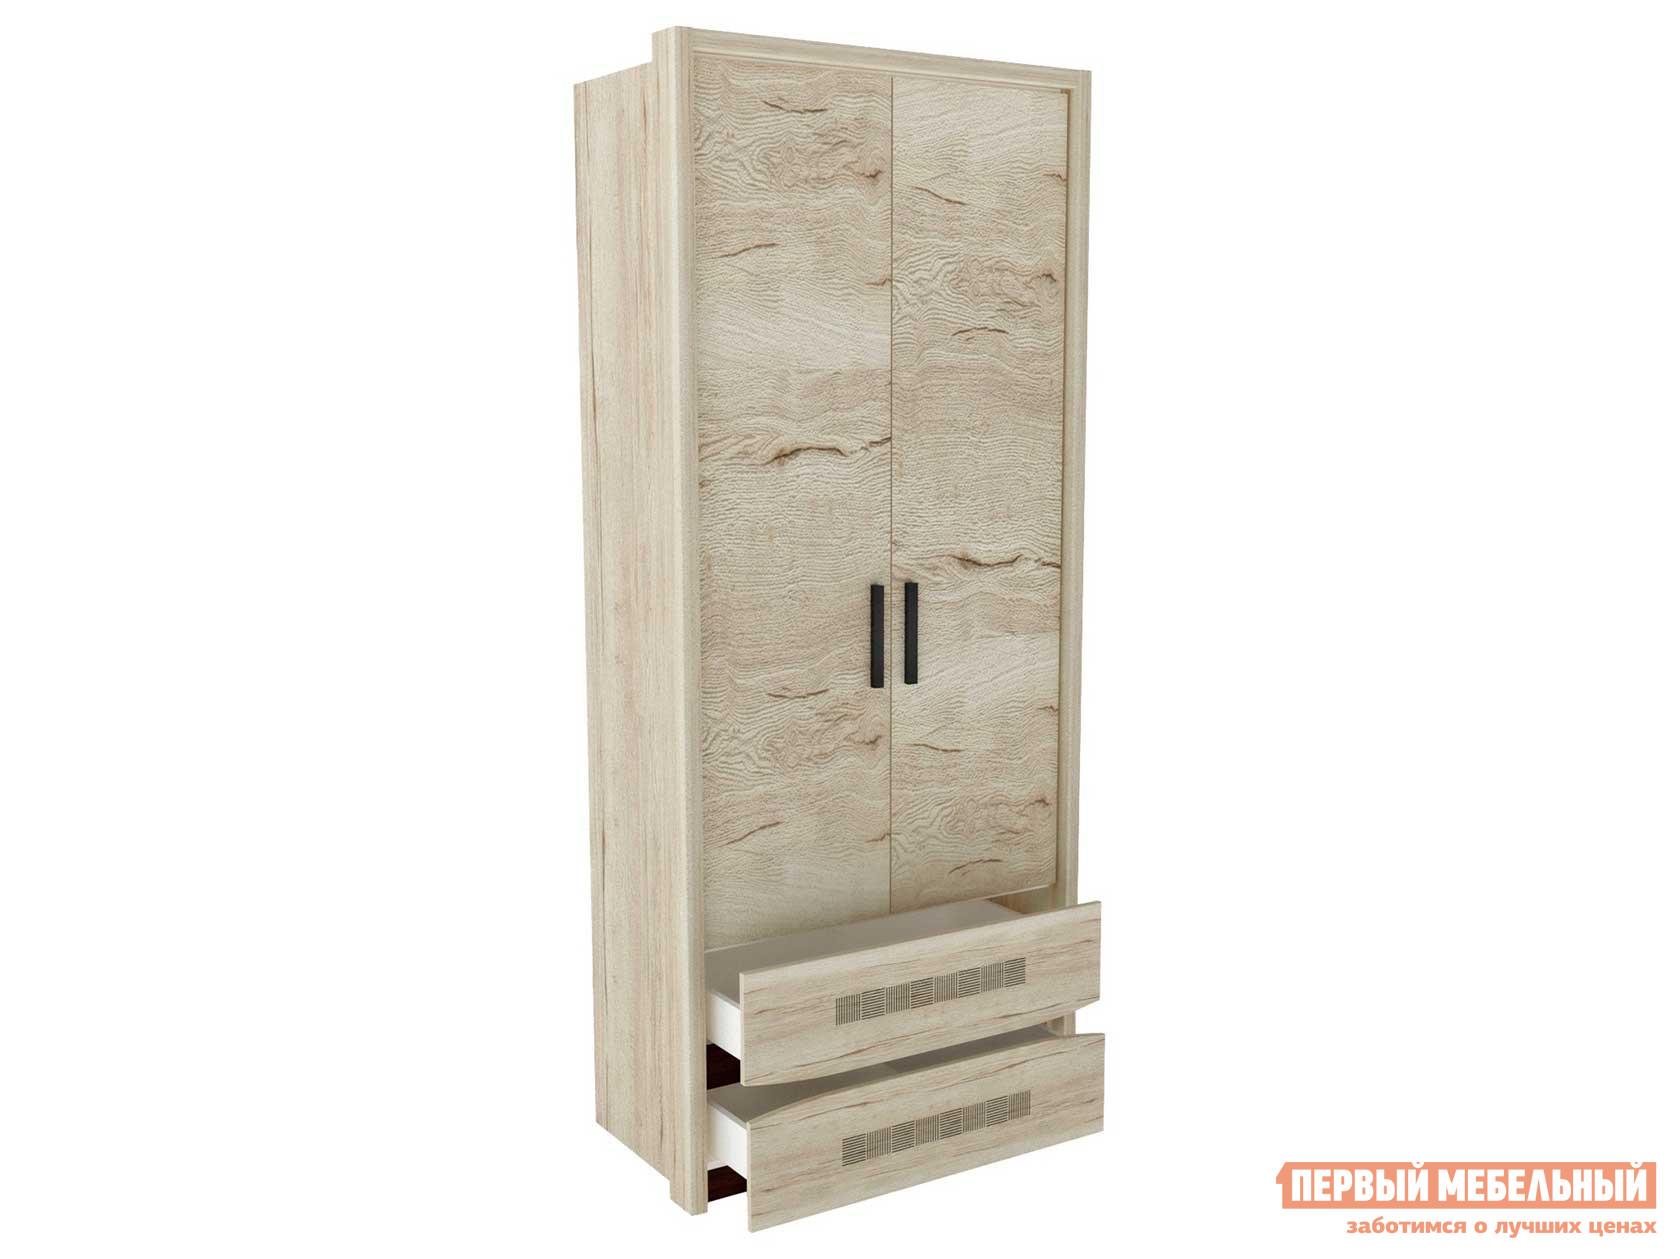 Шкаф распашной Первый Мебельный Шкаф 2-дв. Мале